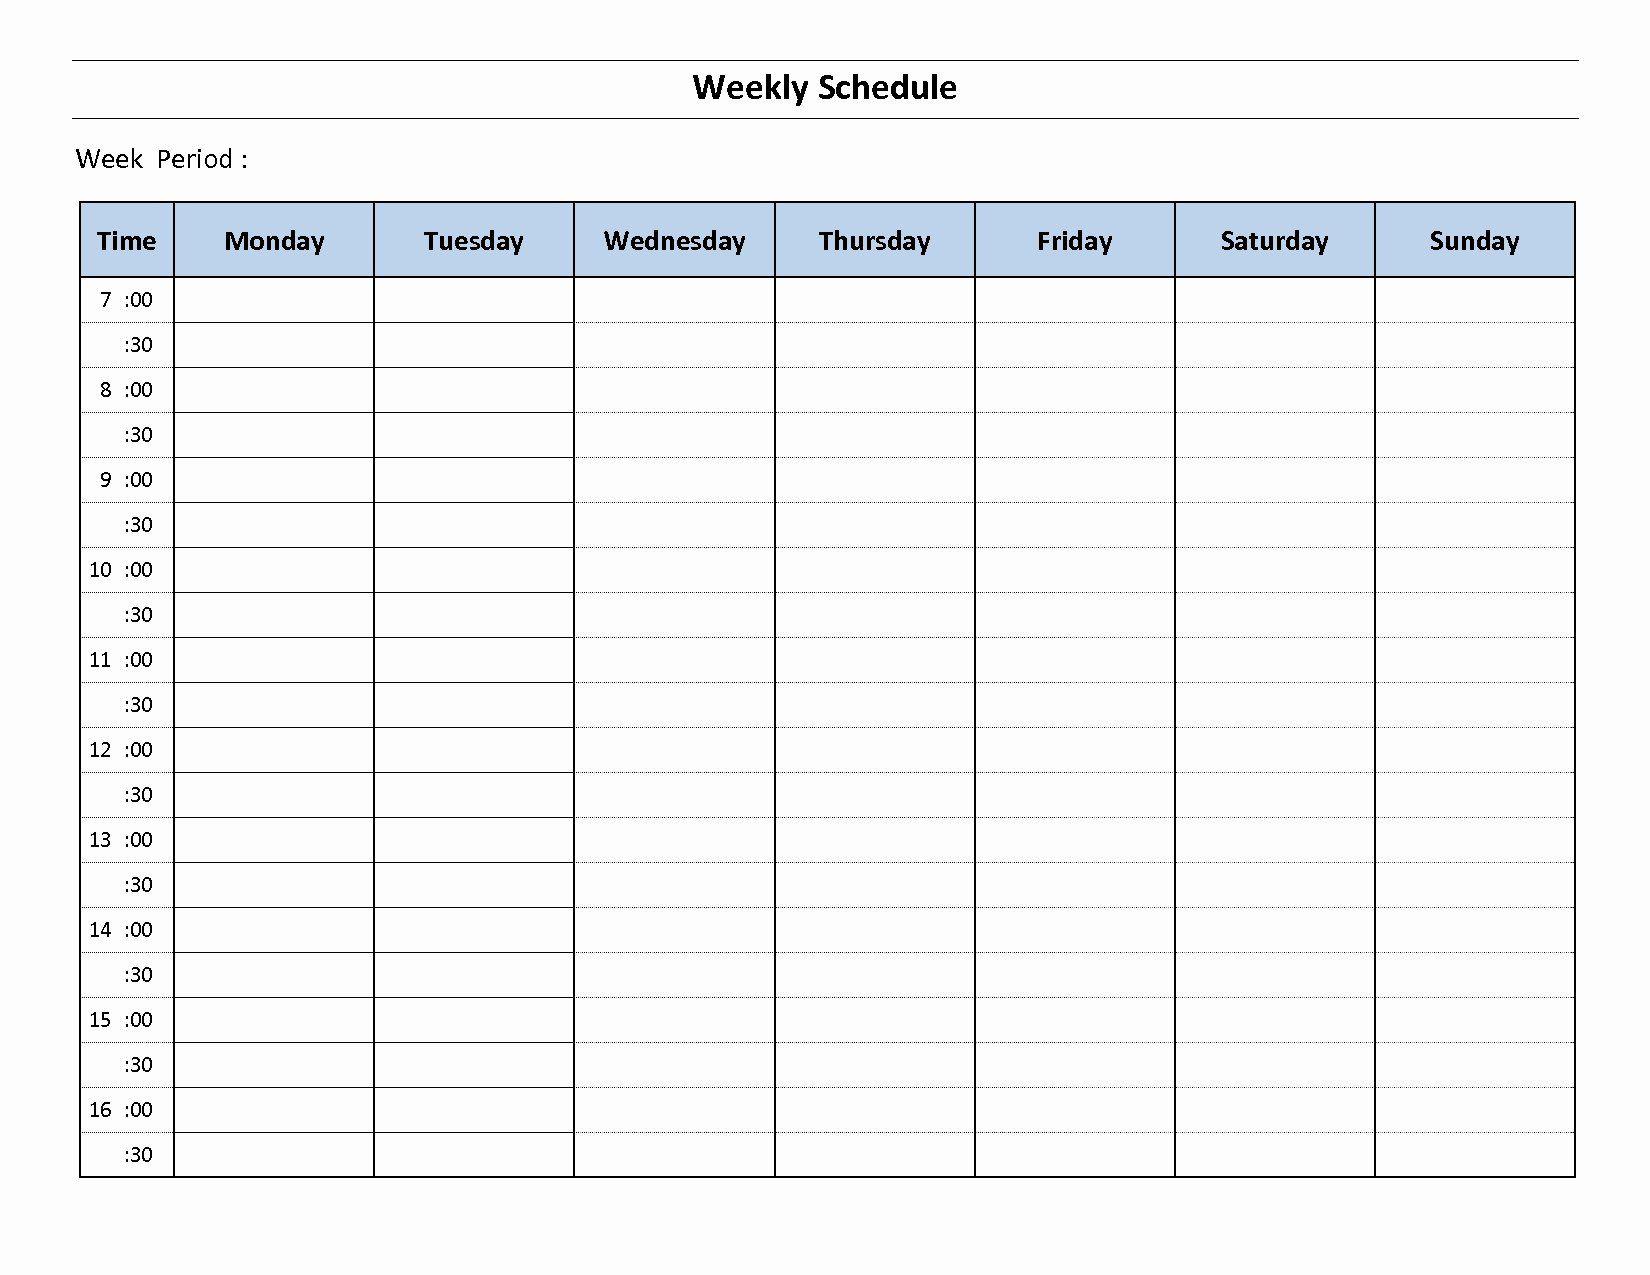 Week Planner Template Word Elegant 7 Day Weekly Planner Template Printable Weekly Schedule Template Excel Weekly Planner Template Excel Calendar Template